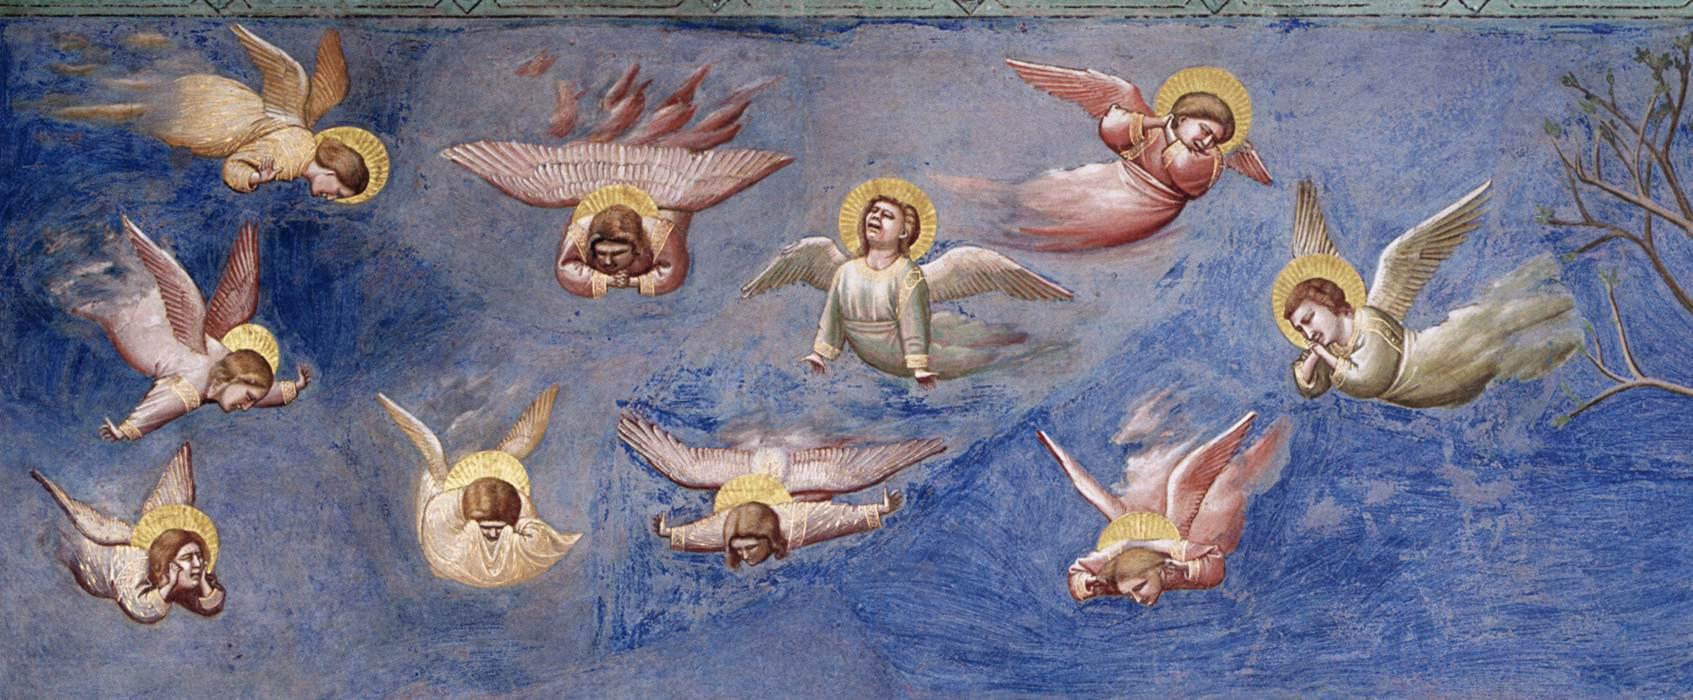 L'iconographie Murales De Archange Michel Les Dans Saint Peintures rrOq1wxf